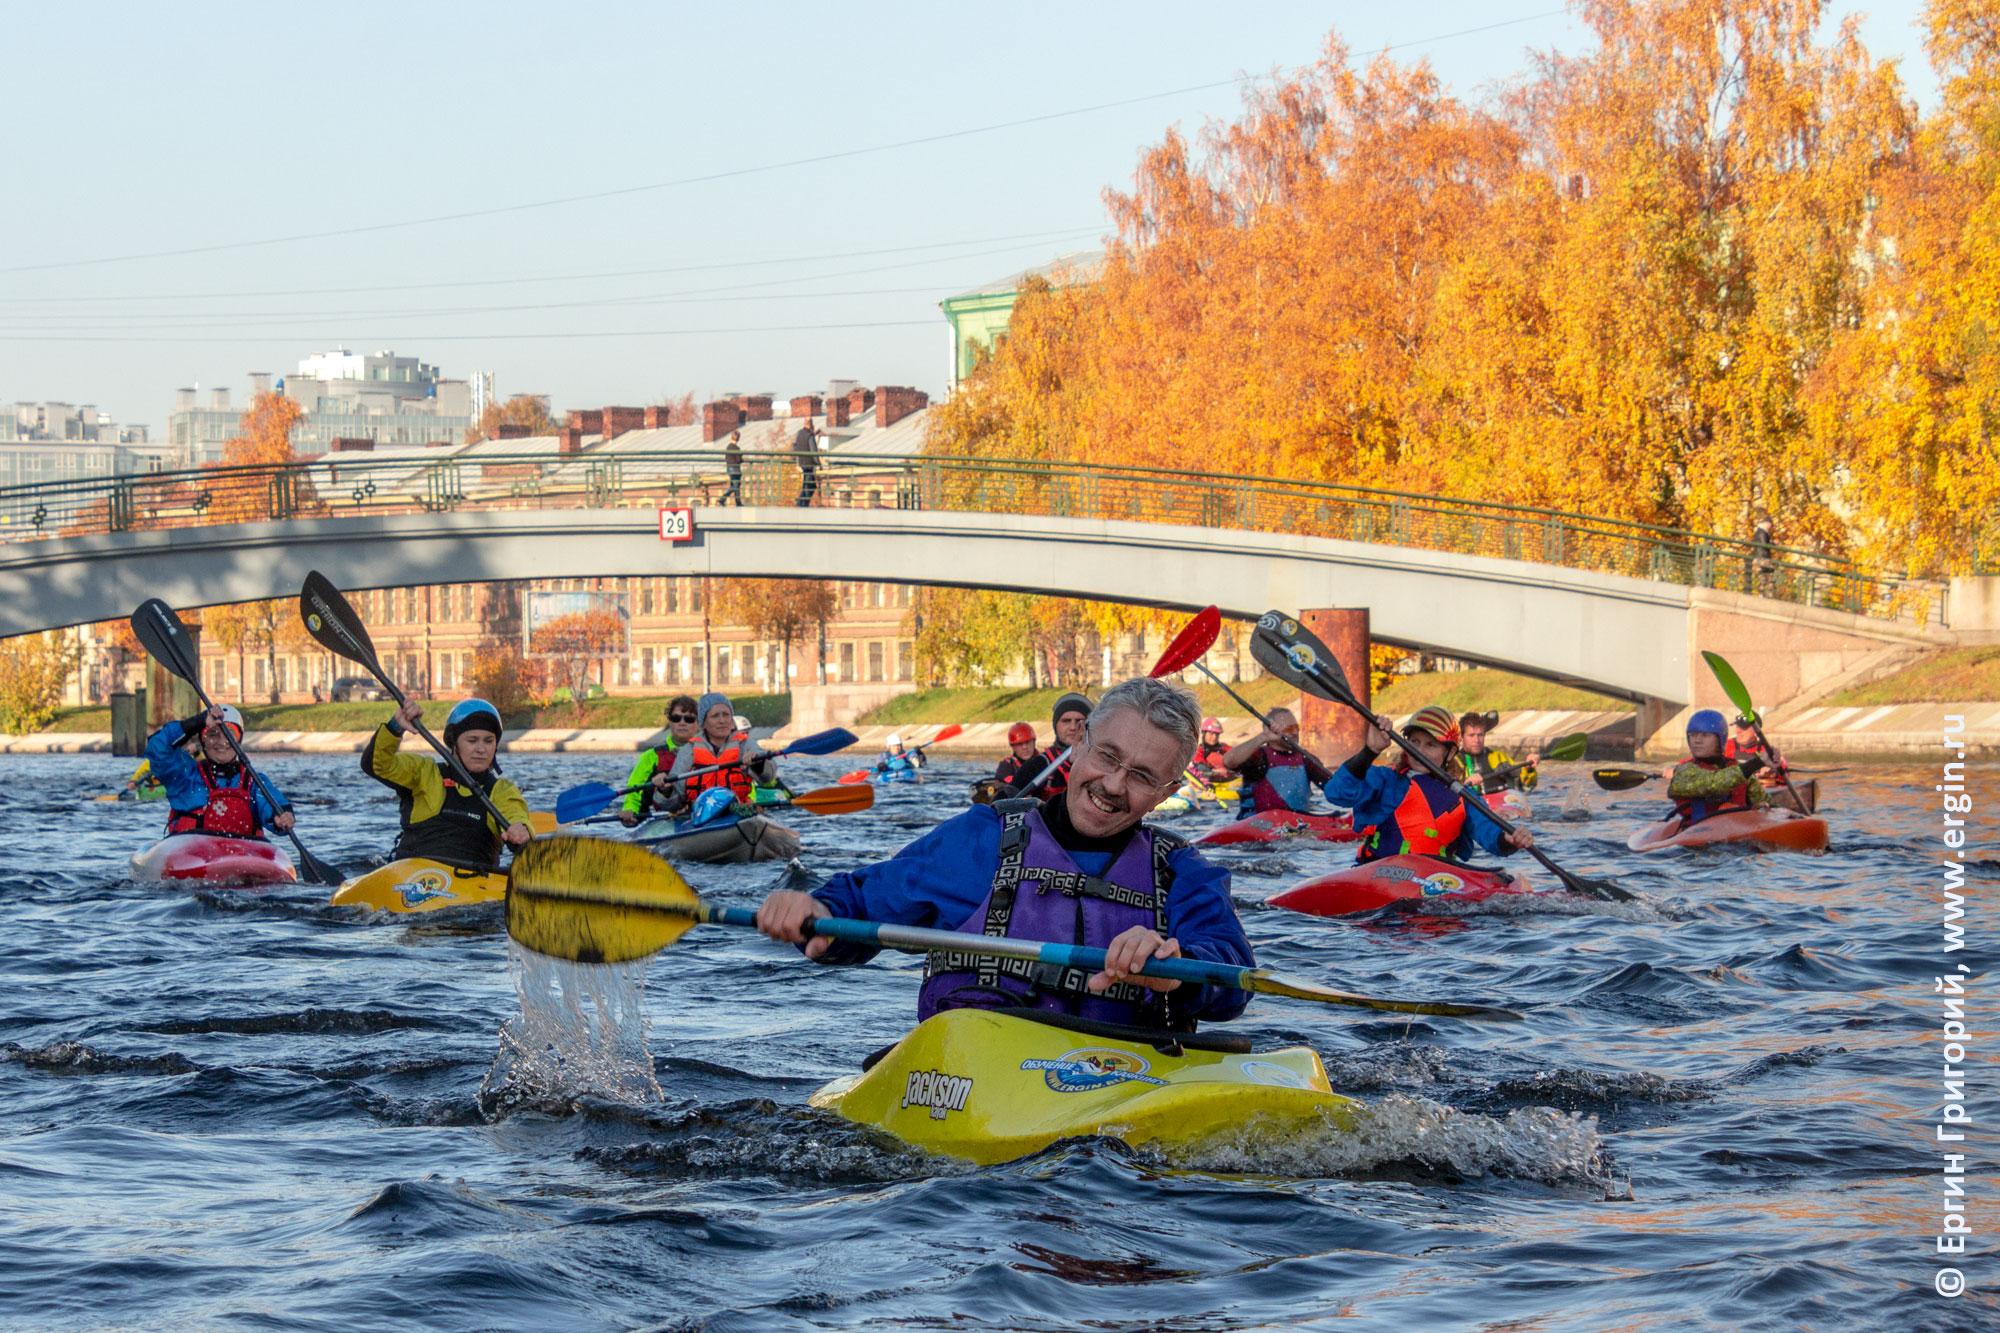 Каякинг в СПб Санкт-Петербурге Питере